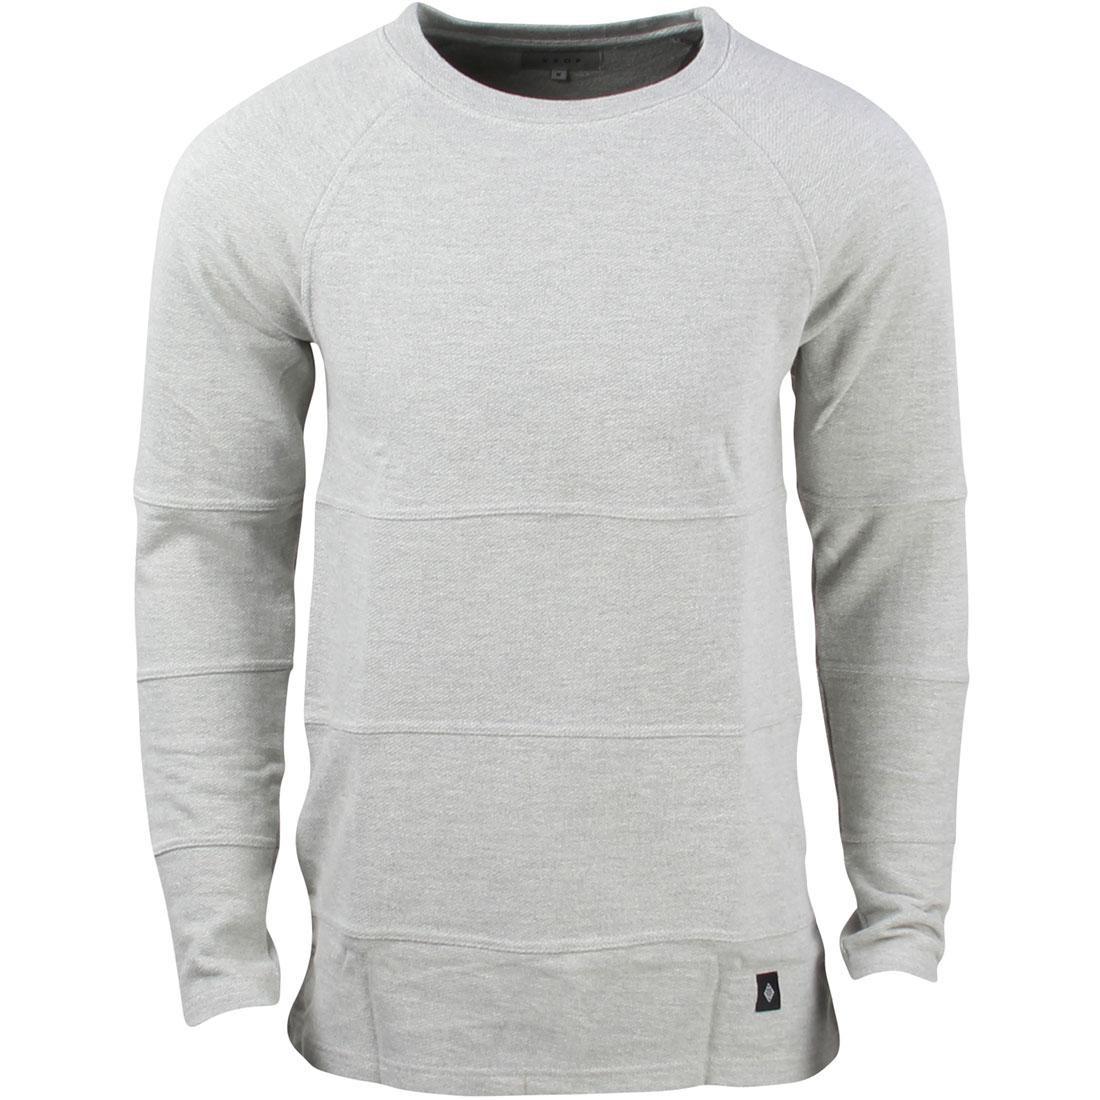 メンズファッション トップス Tシャツ カットソー メンズ 【 Akomplice Men Chop Crew Sweater (gray) 】 Gray